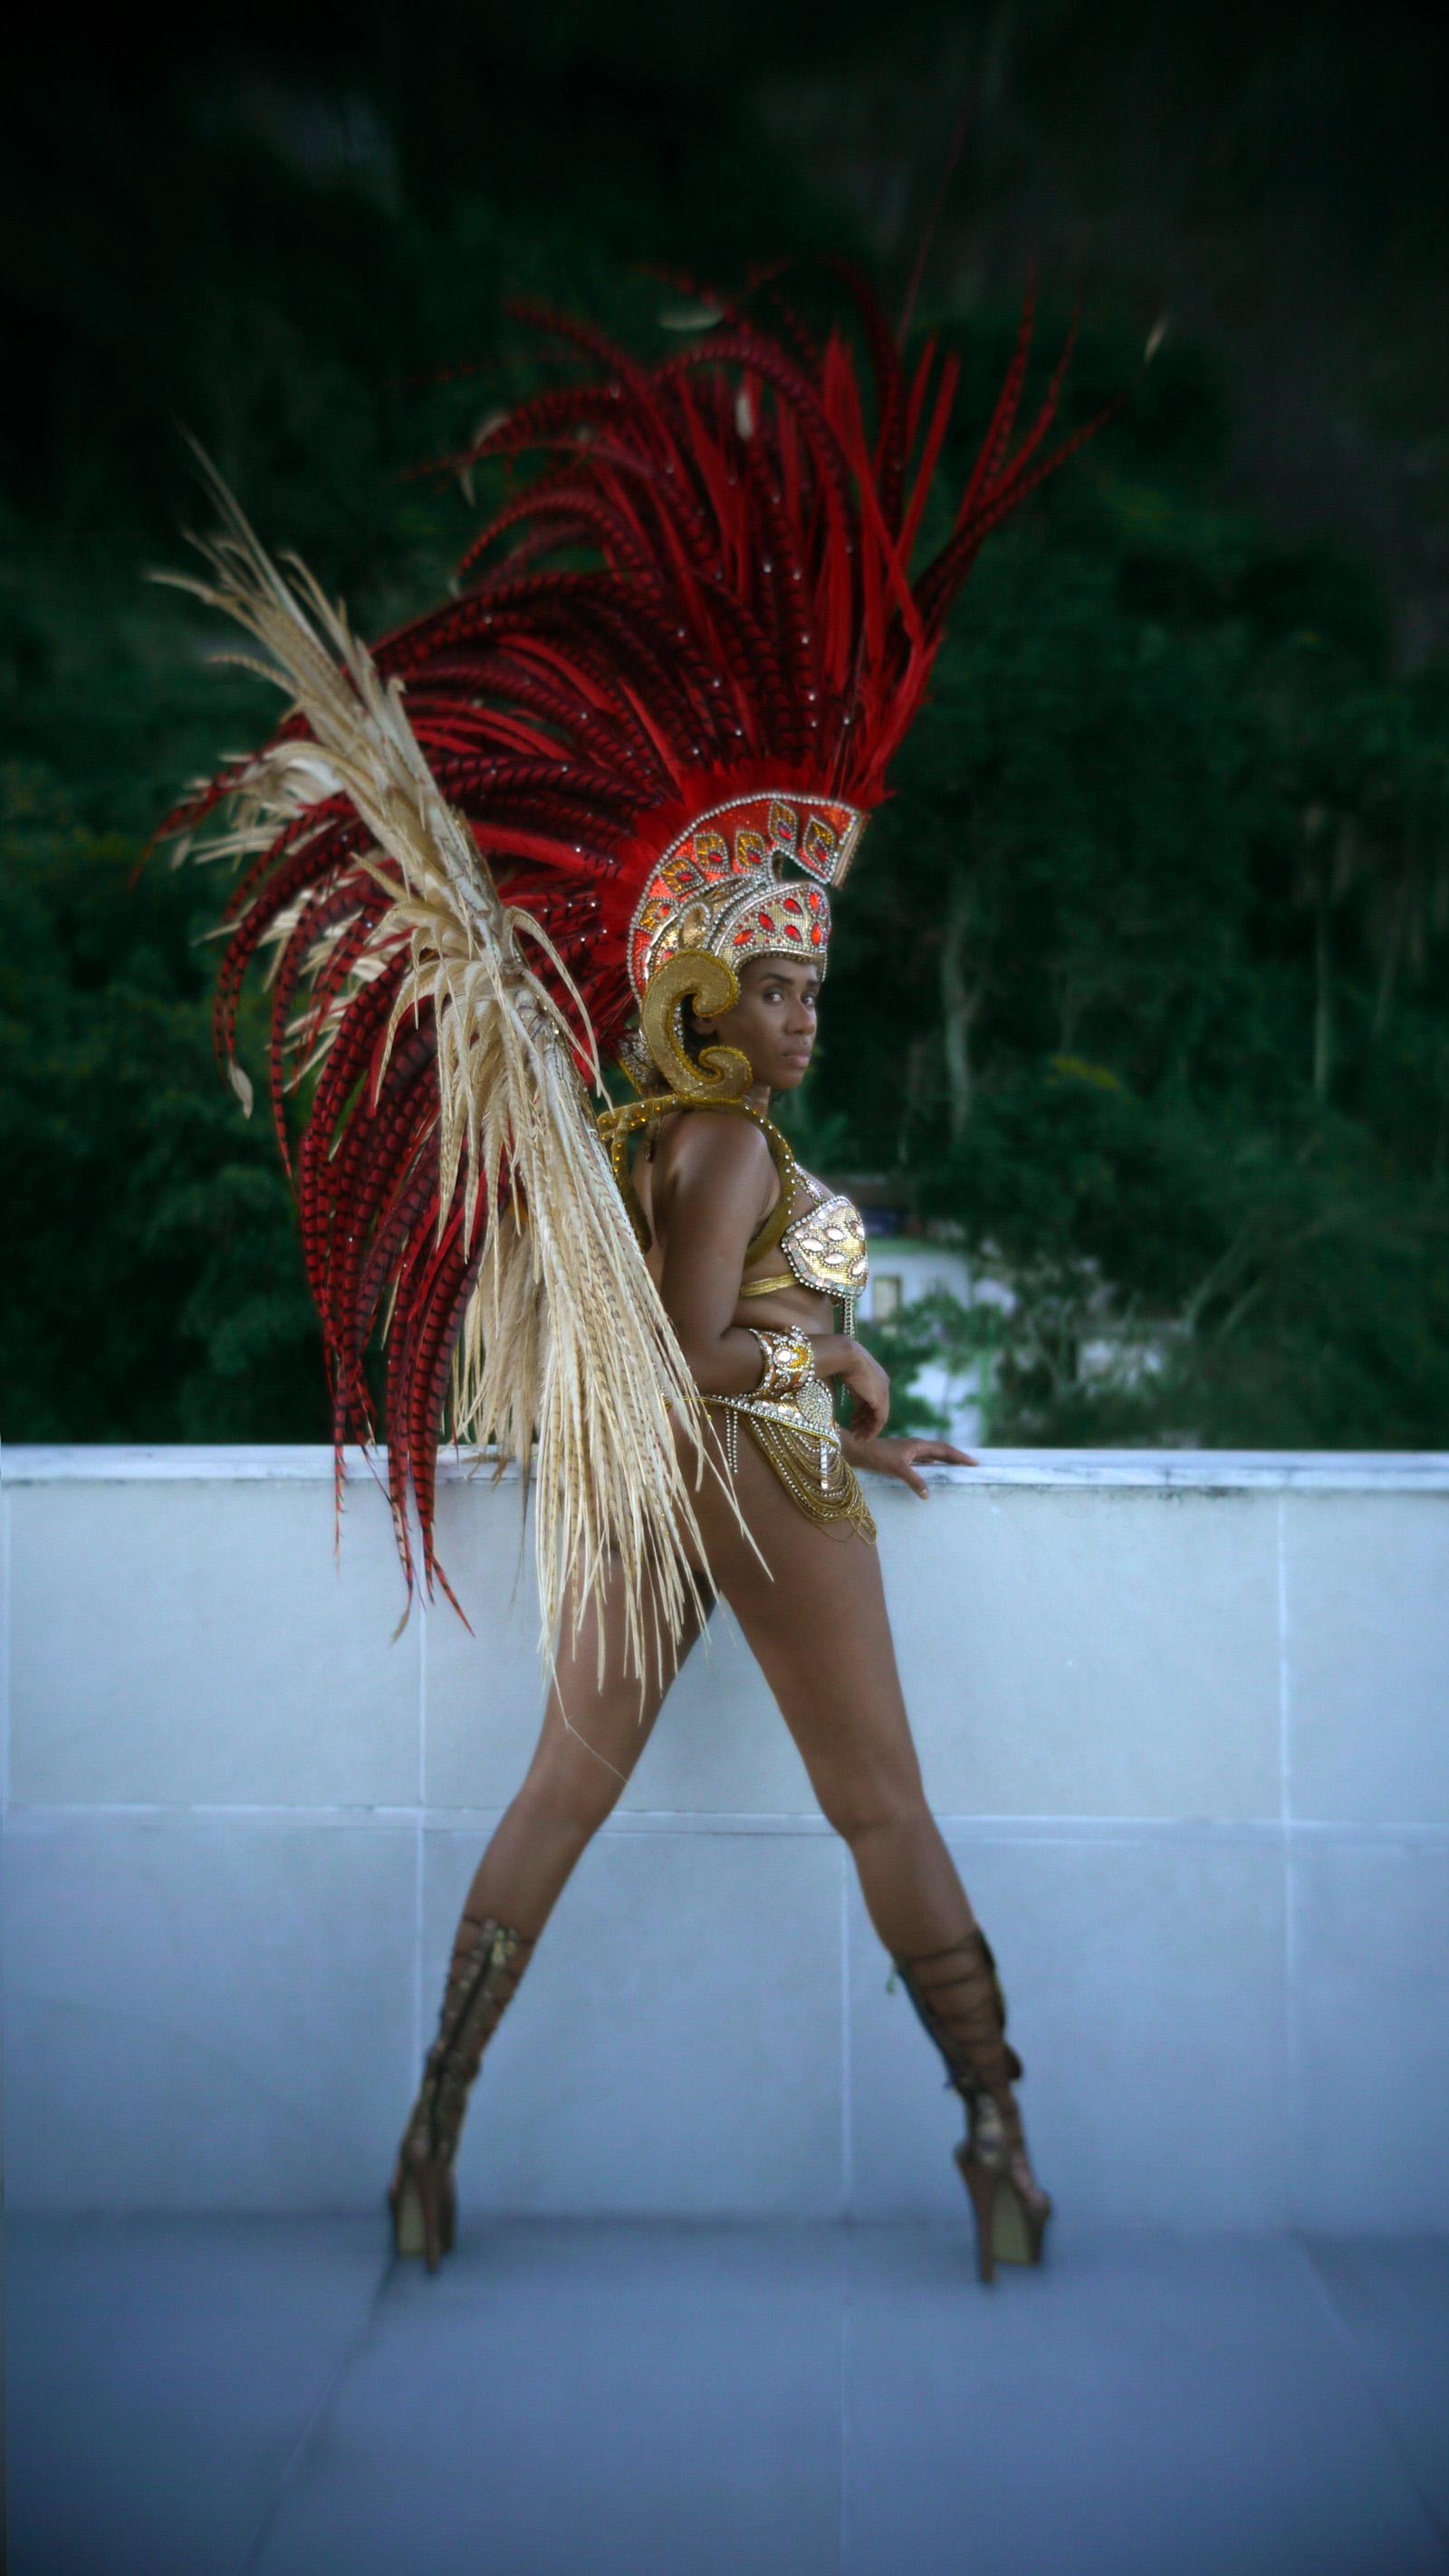 Bianca Barroso harjutab tantsu lähenevaks Sambódromo sambakarnevaliks. Foto: Andrei Jakovlev